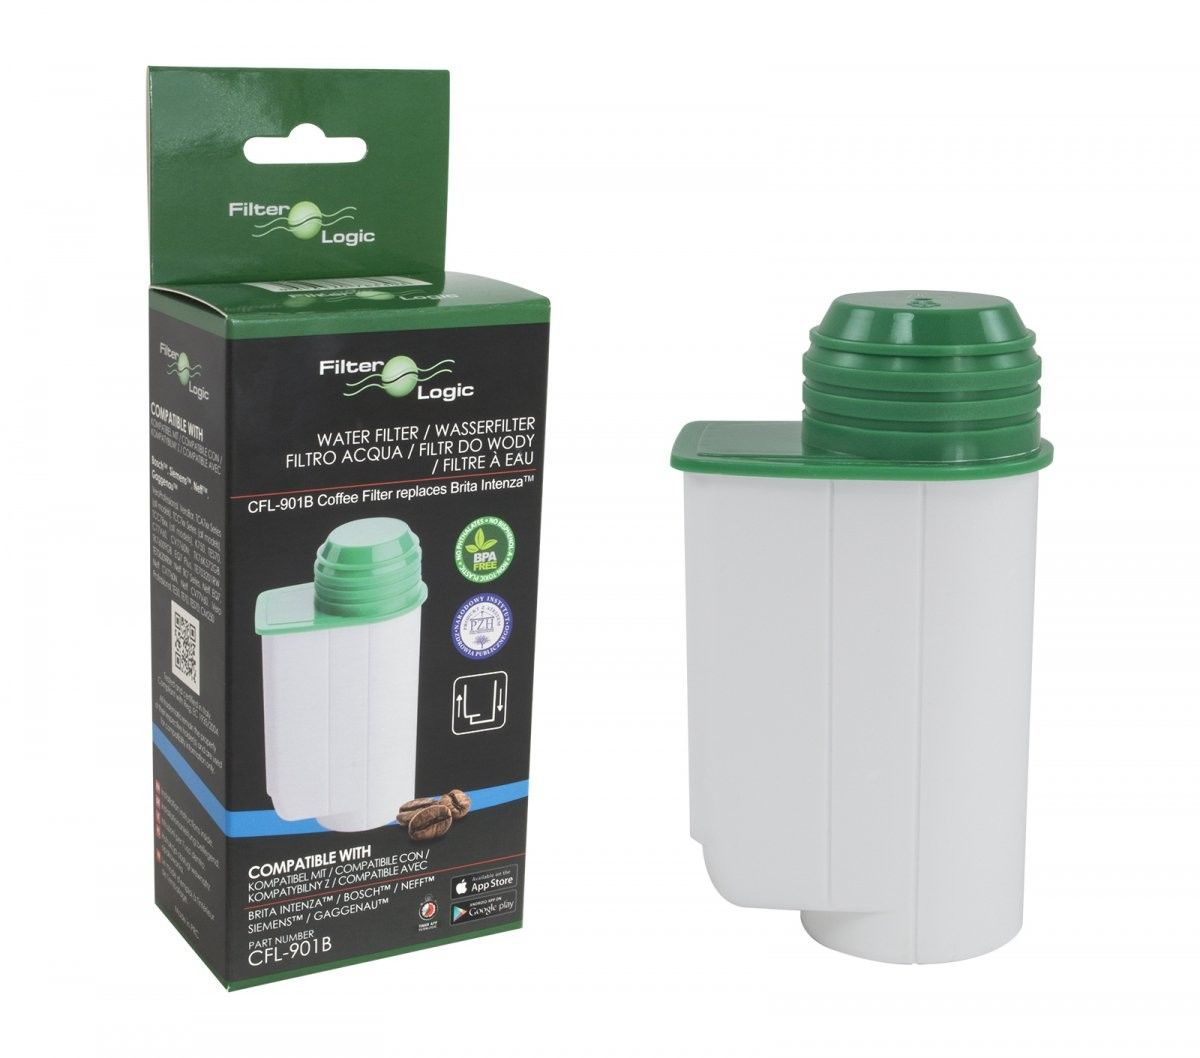 Filtr wody Brita Intenza TZ70003 ekspresu do kawy i ekspresu przelewowego 3szt FilterLogic